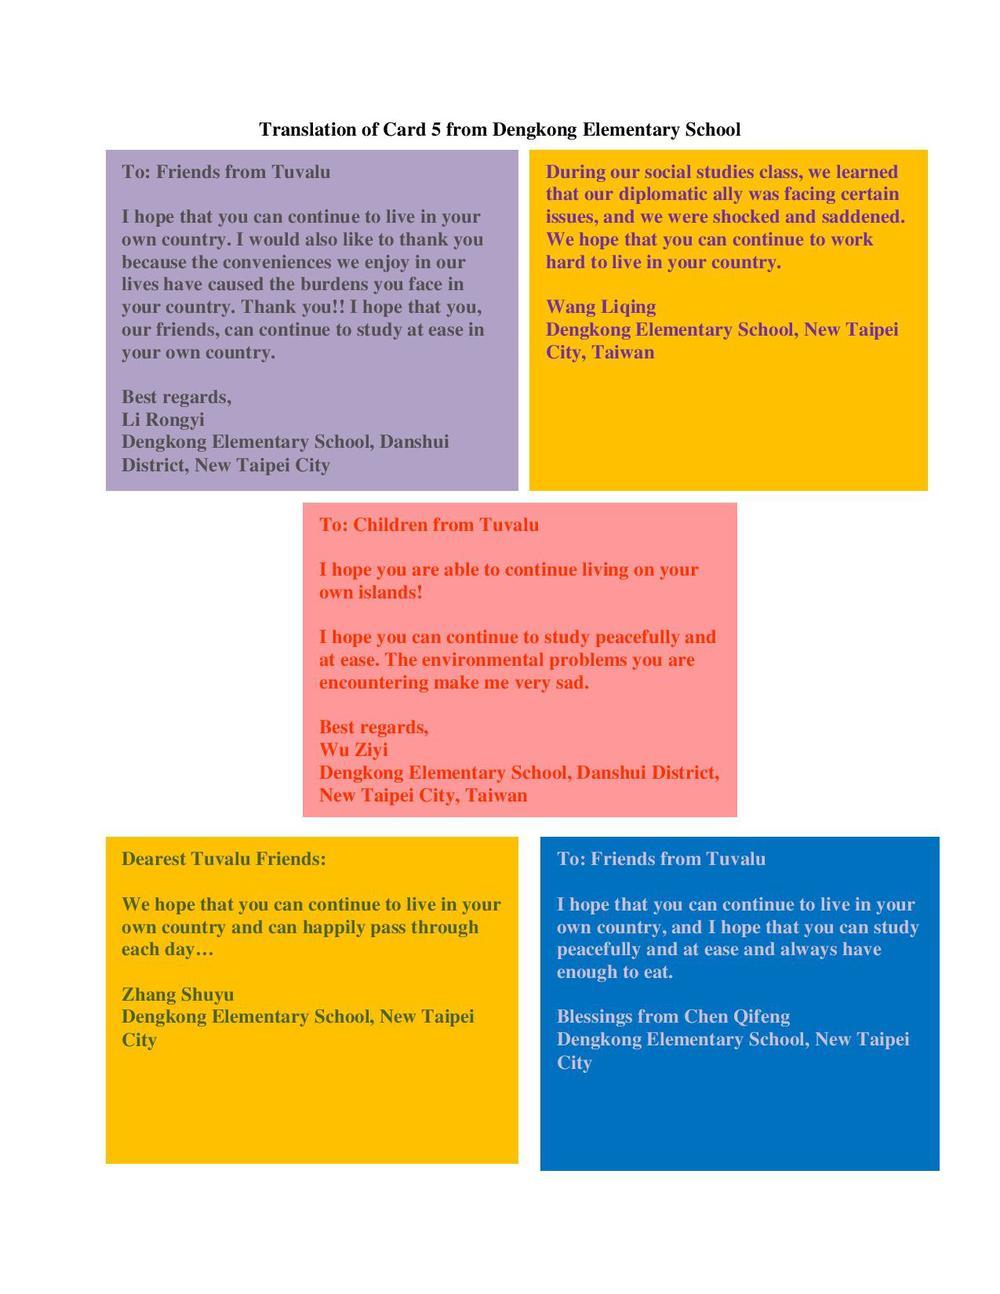 鄧公翻譯2015 0601st Translations of Cards from Dengkong Elementary School-page-006 (1).jpg